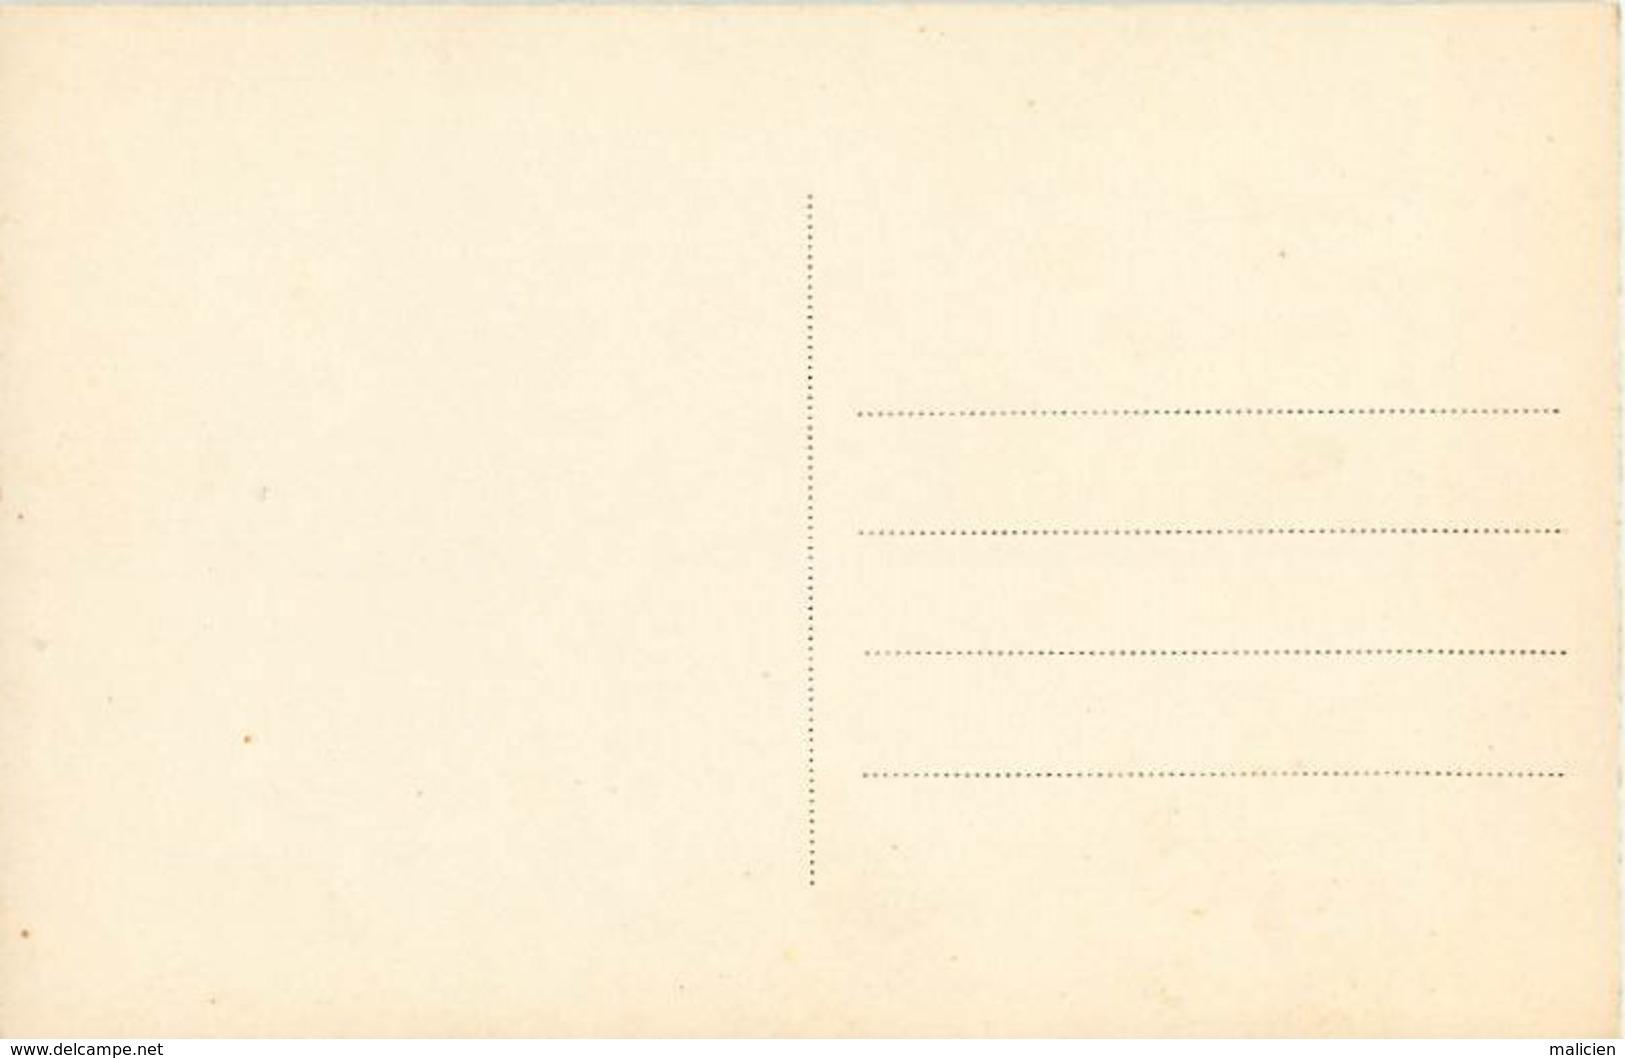 -ref-B80- Langages - Langage Du Cacahuete - Cacahuetes - Illustrateur - Illustrateurs - Carte Bon Etat - - Cartes Postales